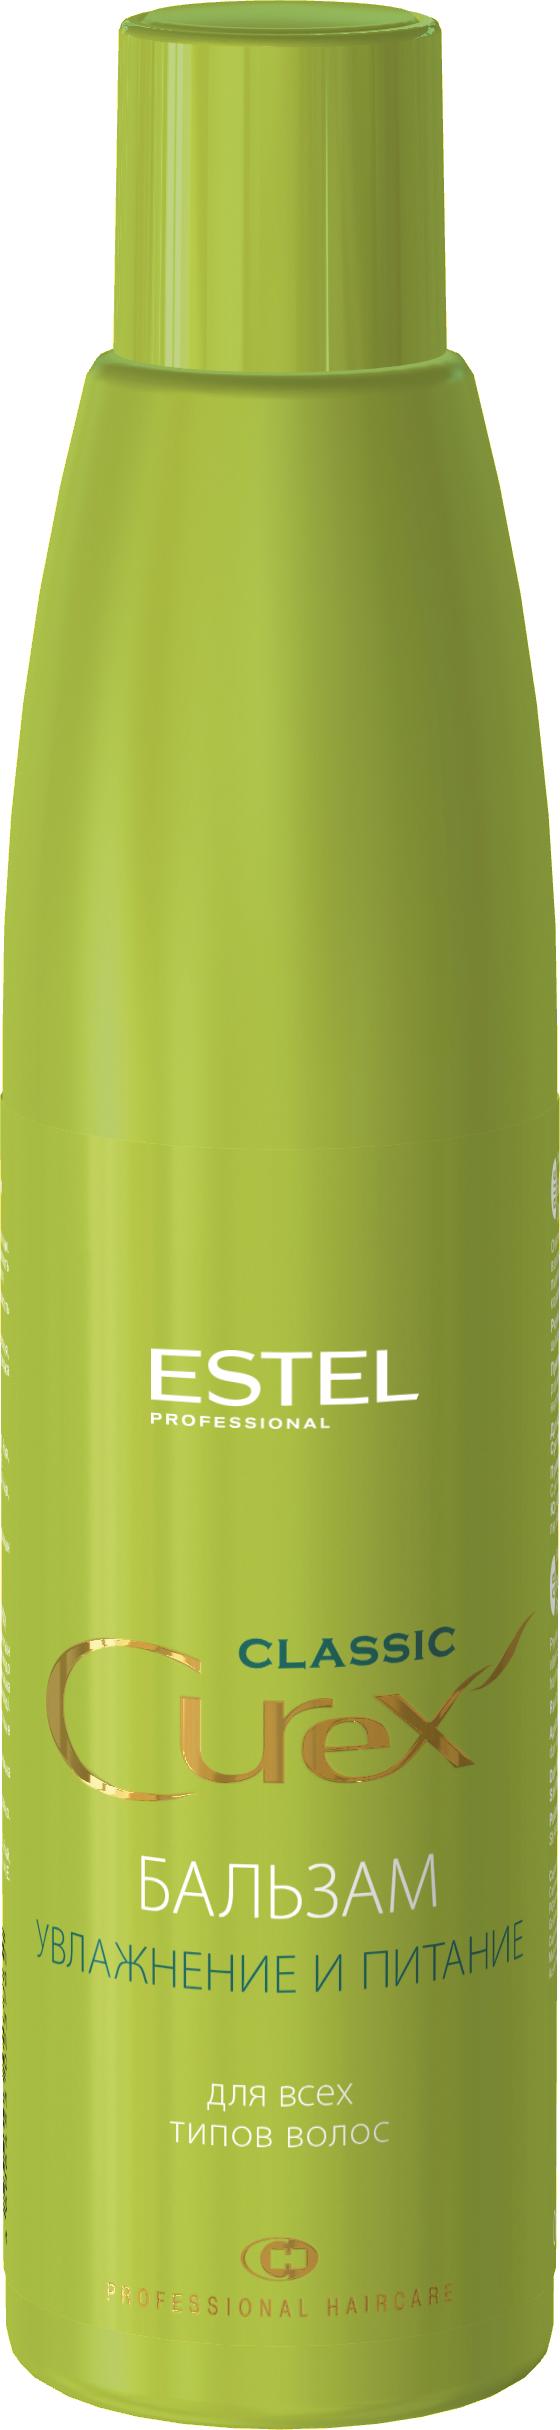 Бальзам увлажнение и питание для всех типов волос CUREX CLASSIC 250 мл